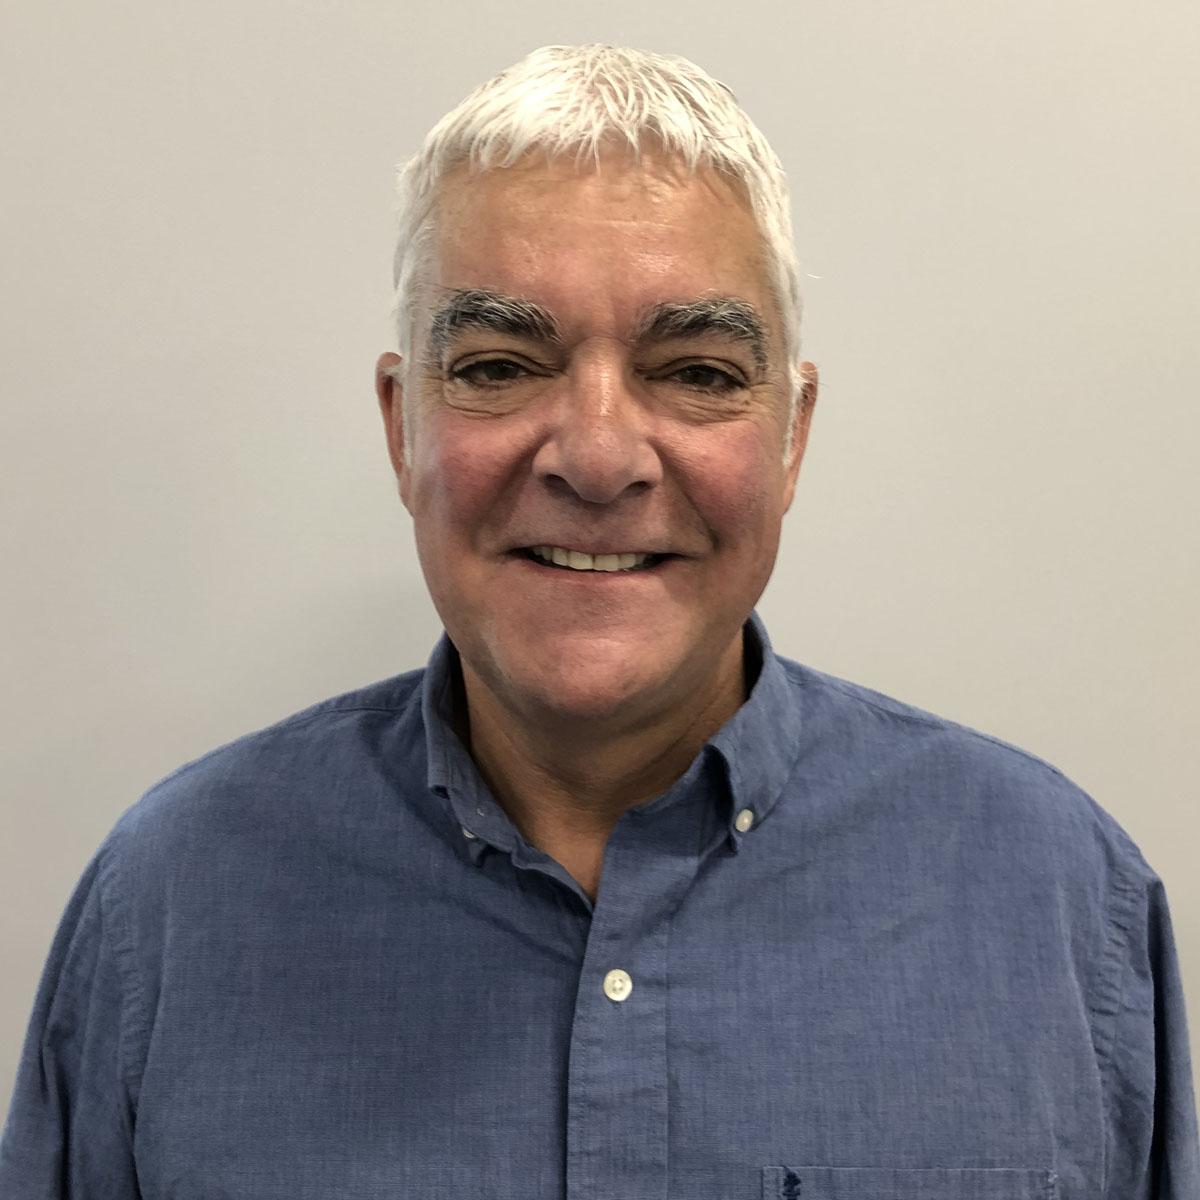 Jimmy Karapanos